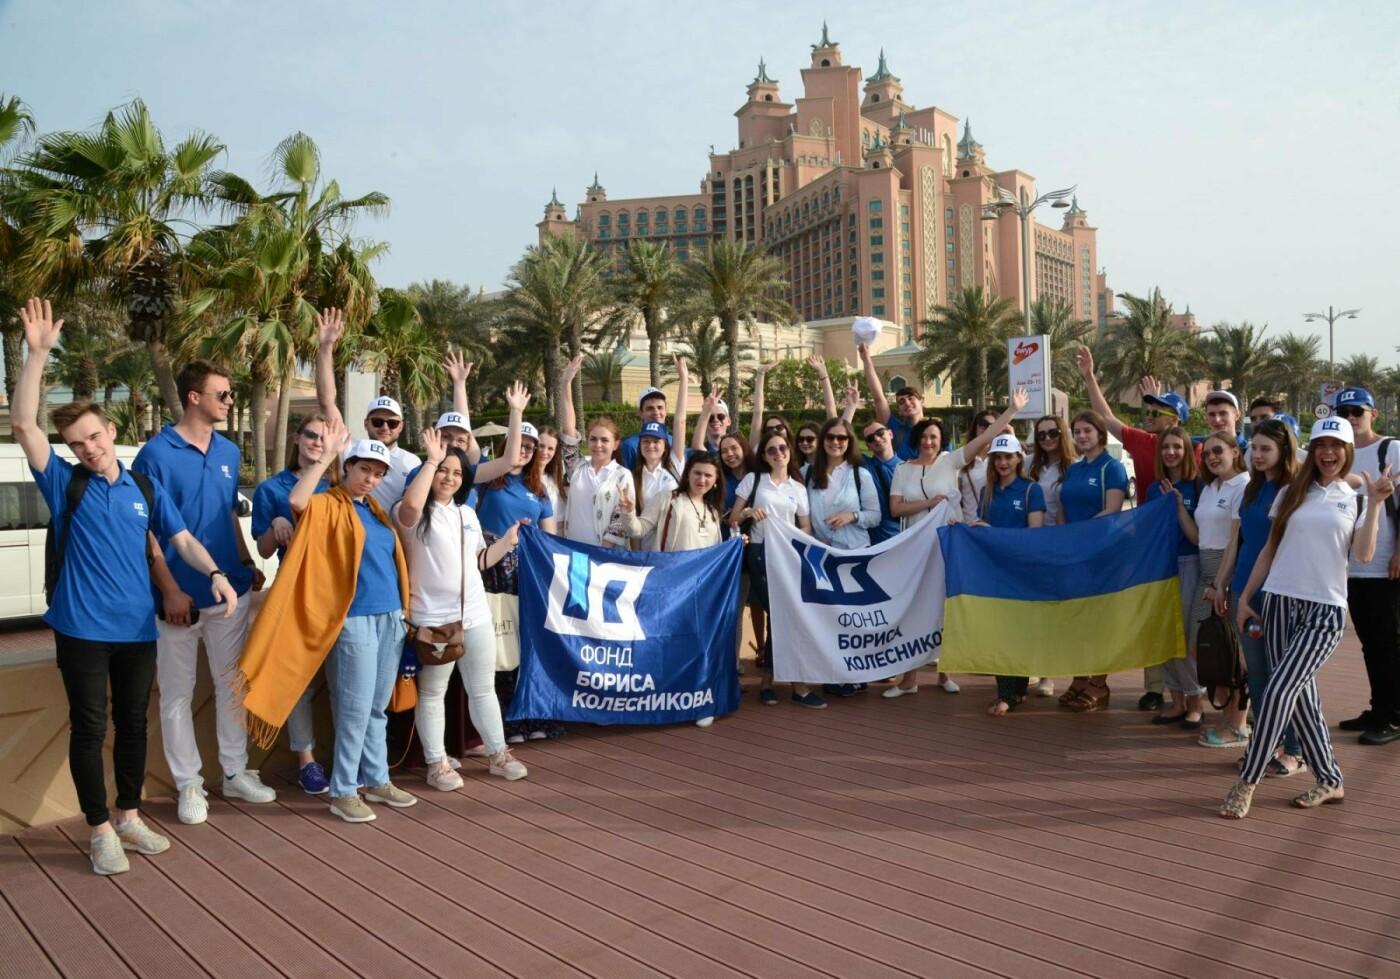 Борис Колесников отправил студентов Донетчины в архитектурный тур в Эмираты, фото-3